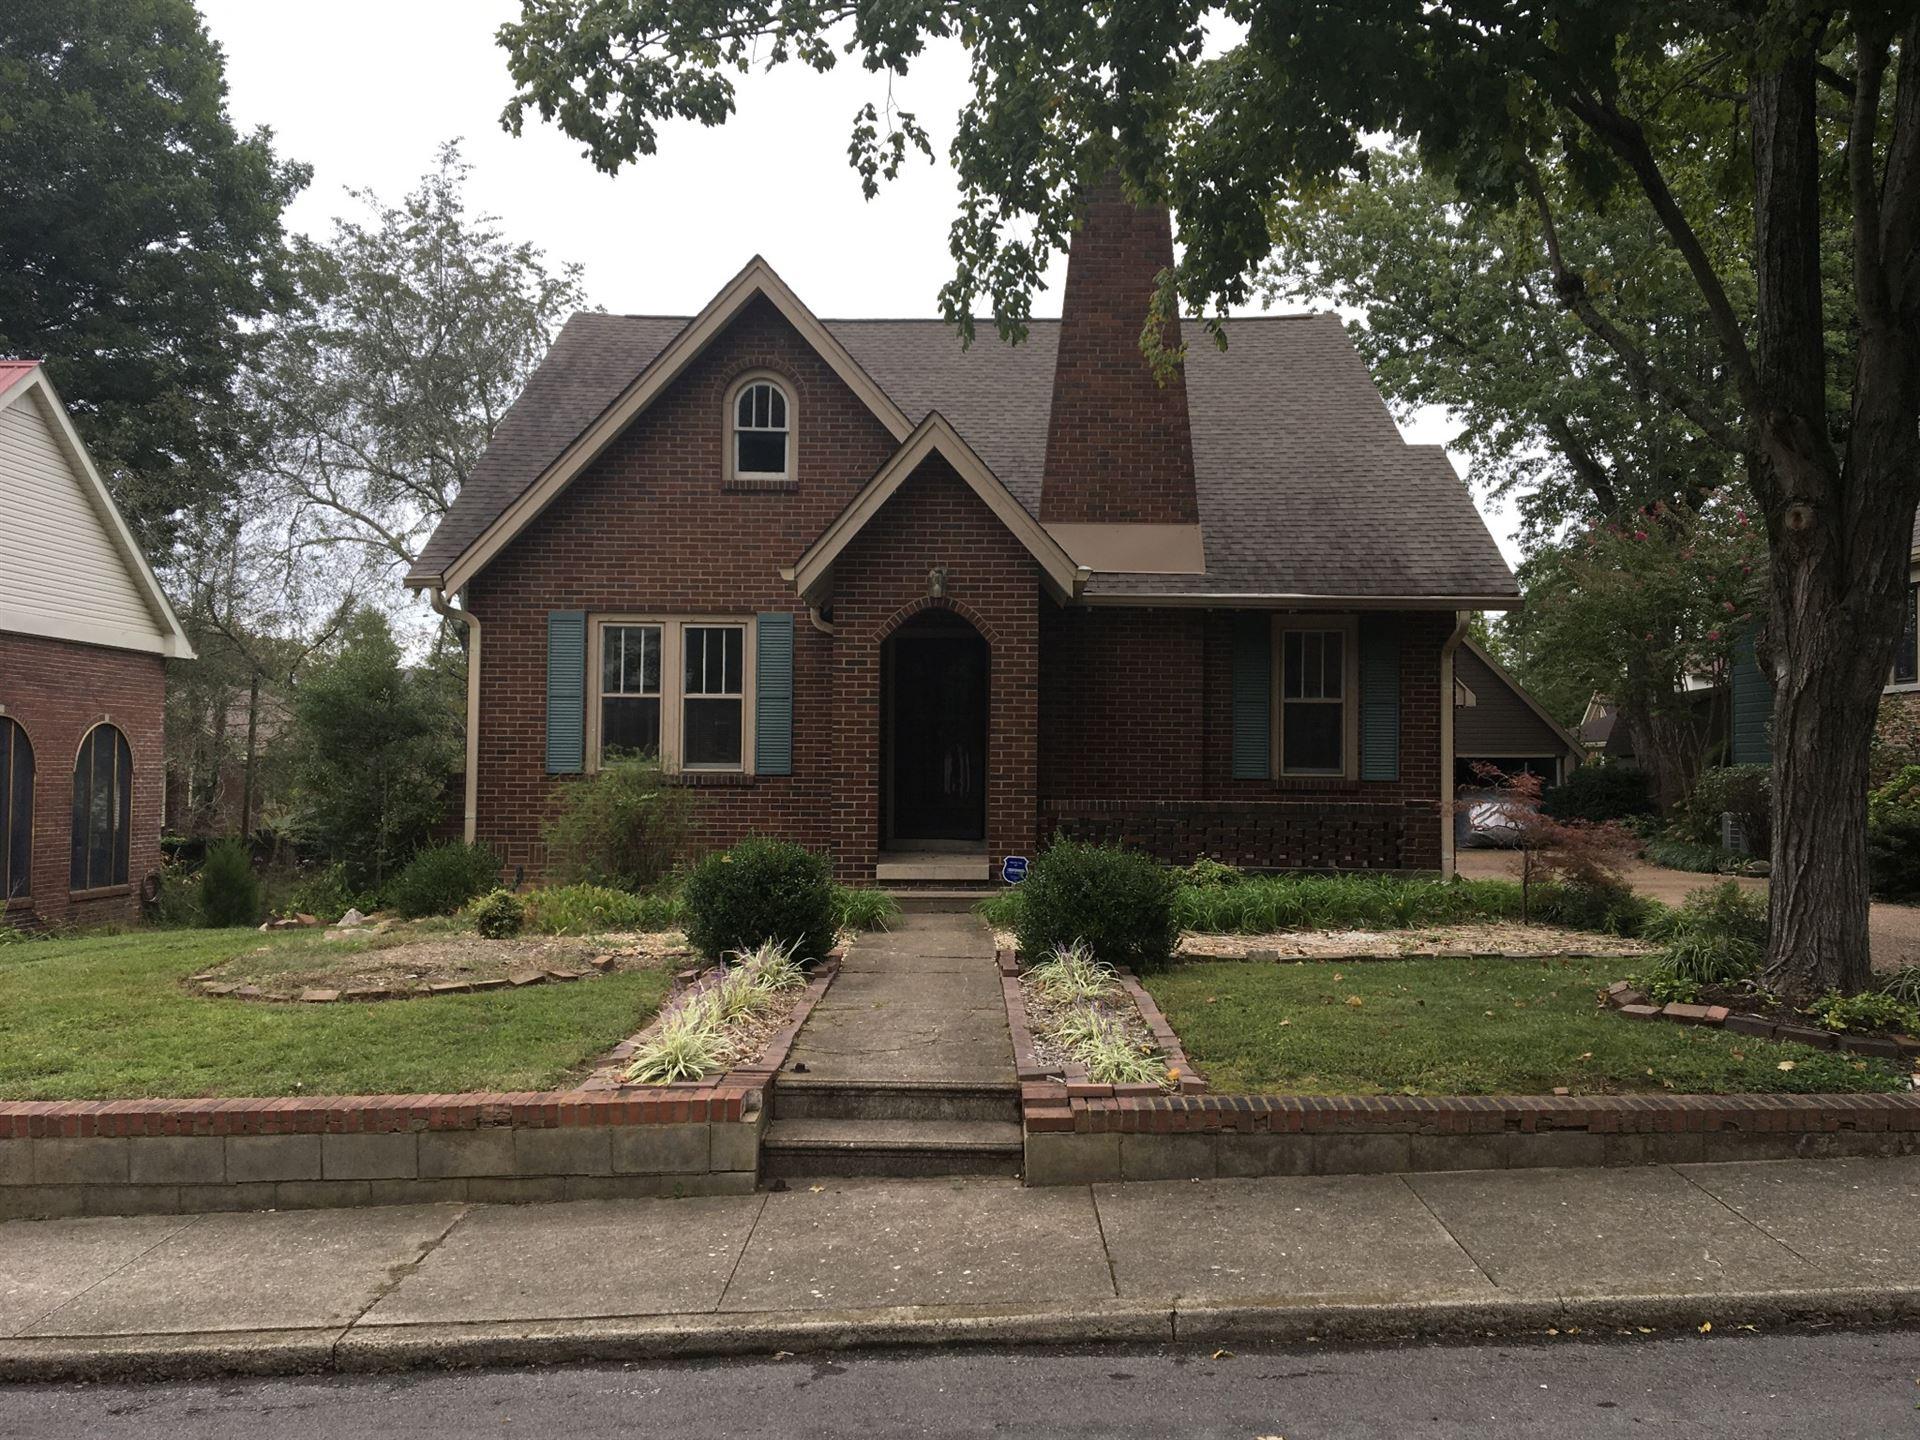 312 Garner St, Springfield, TN 37172 - MLS#: 2192125